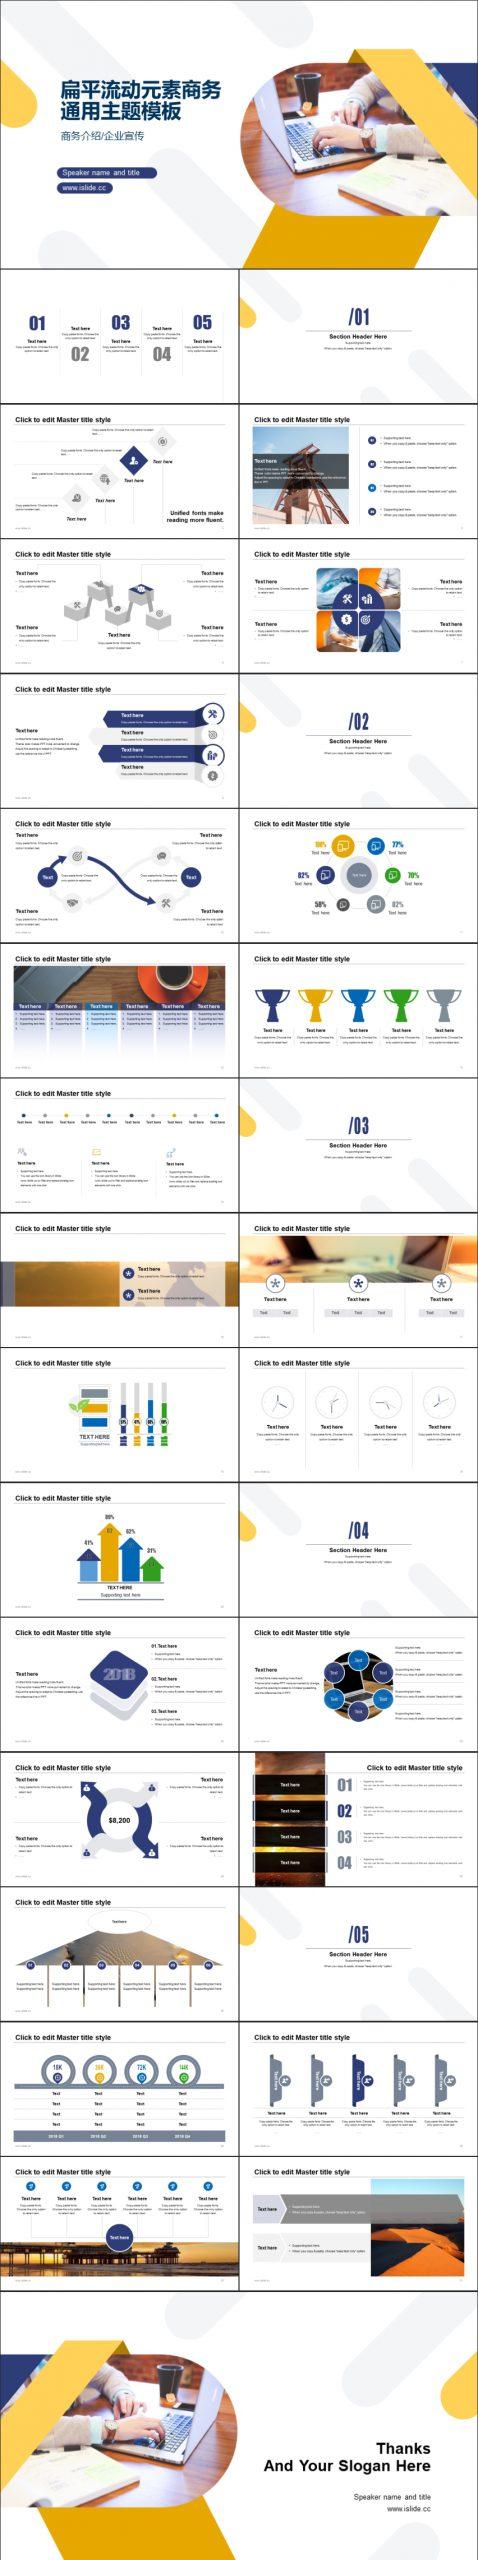 黄色简约清新总结报告PPT模板下载_预览图2